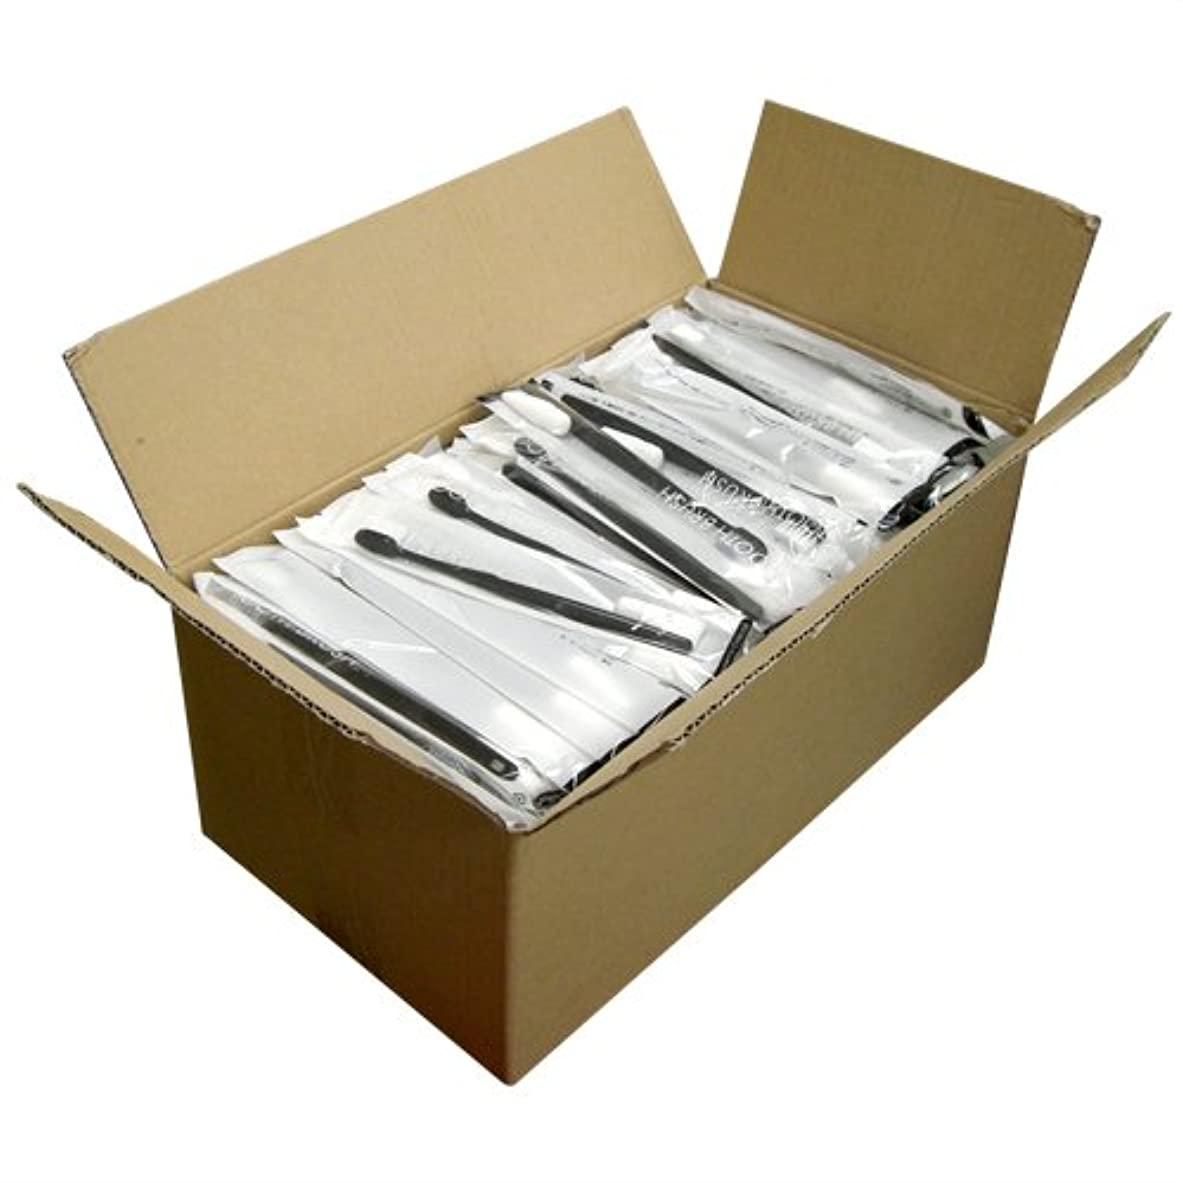 センターレタスリハーサル業務用 使い捨て歯ブラシ チューブ歯磨き粉(3g)付き ブラック 250本(1ケース)セット│ホテルアメニティ 個包装タイプ